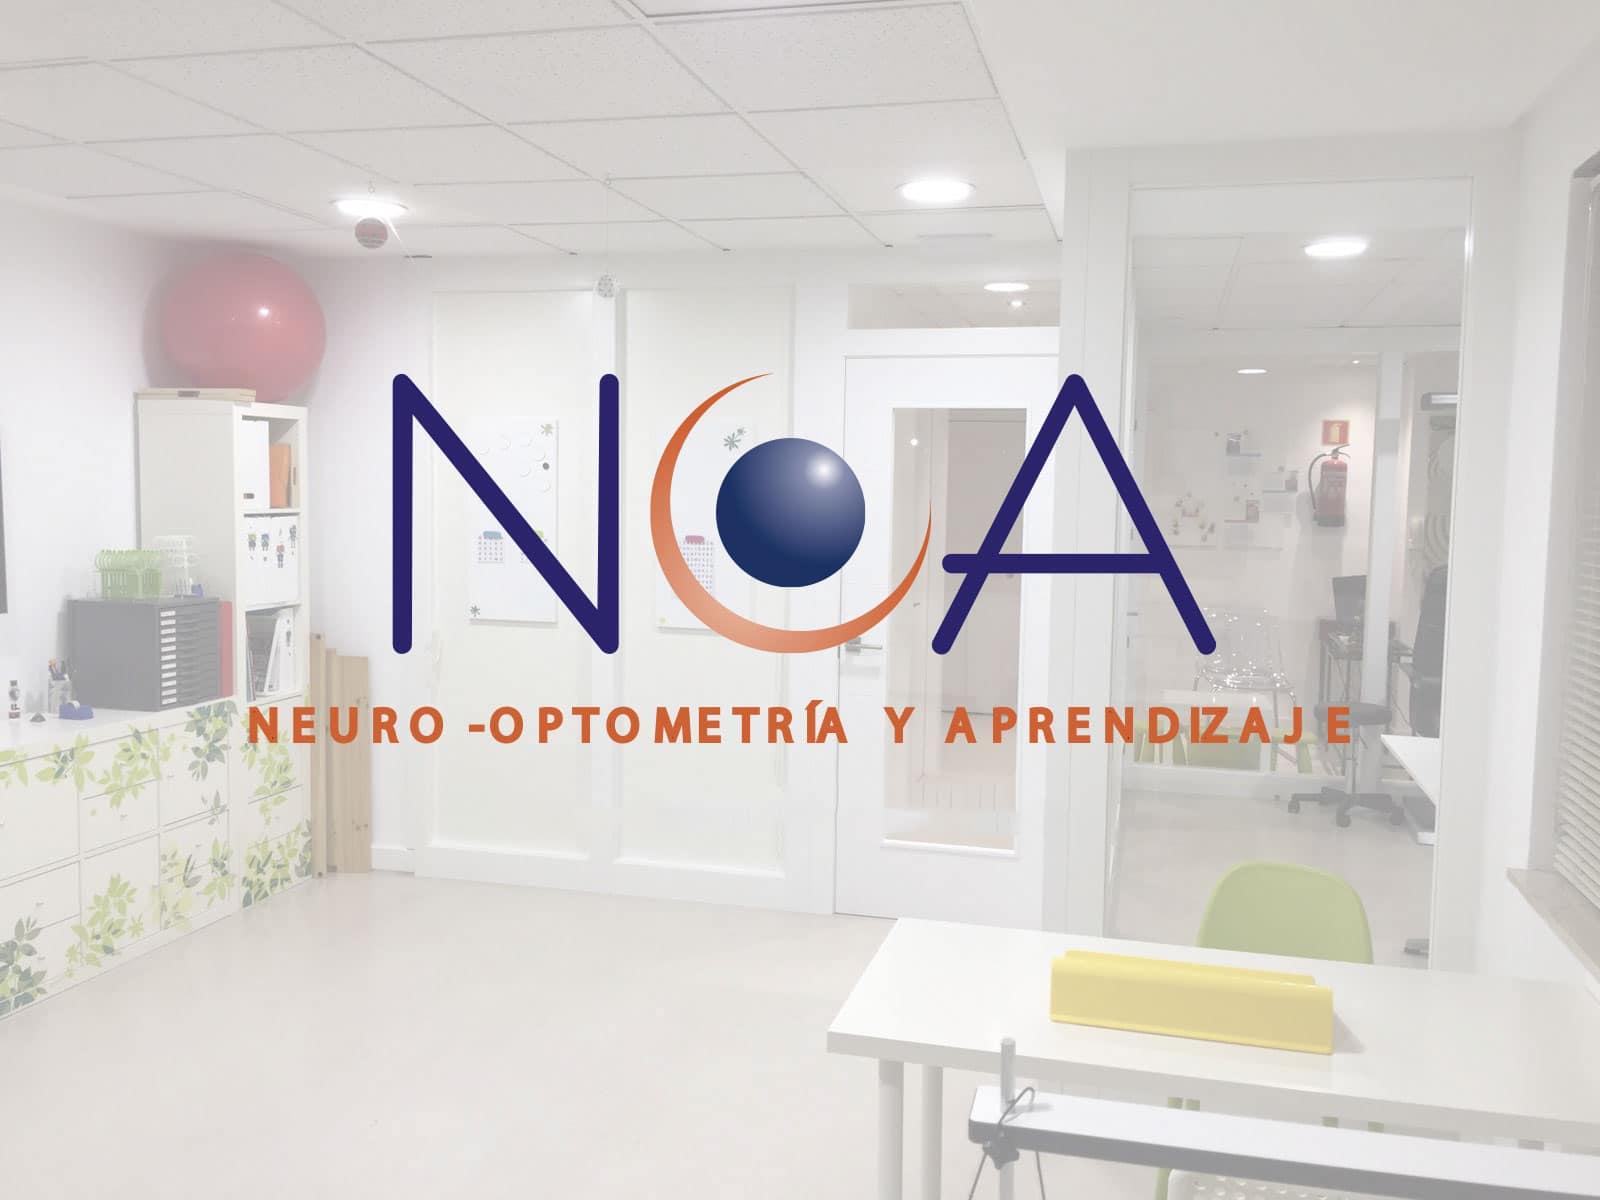 Logotipo NOA neuro-optometría y aprendizaje